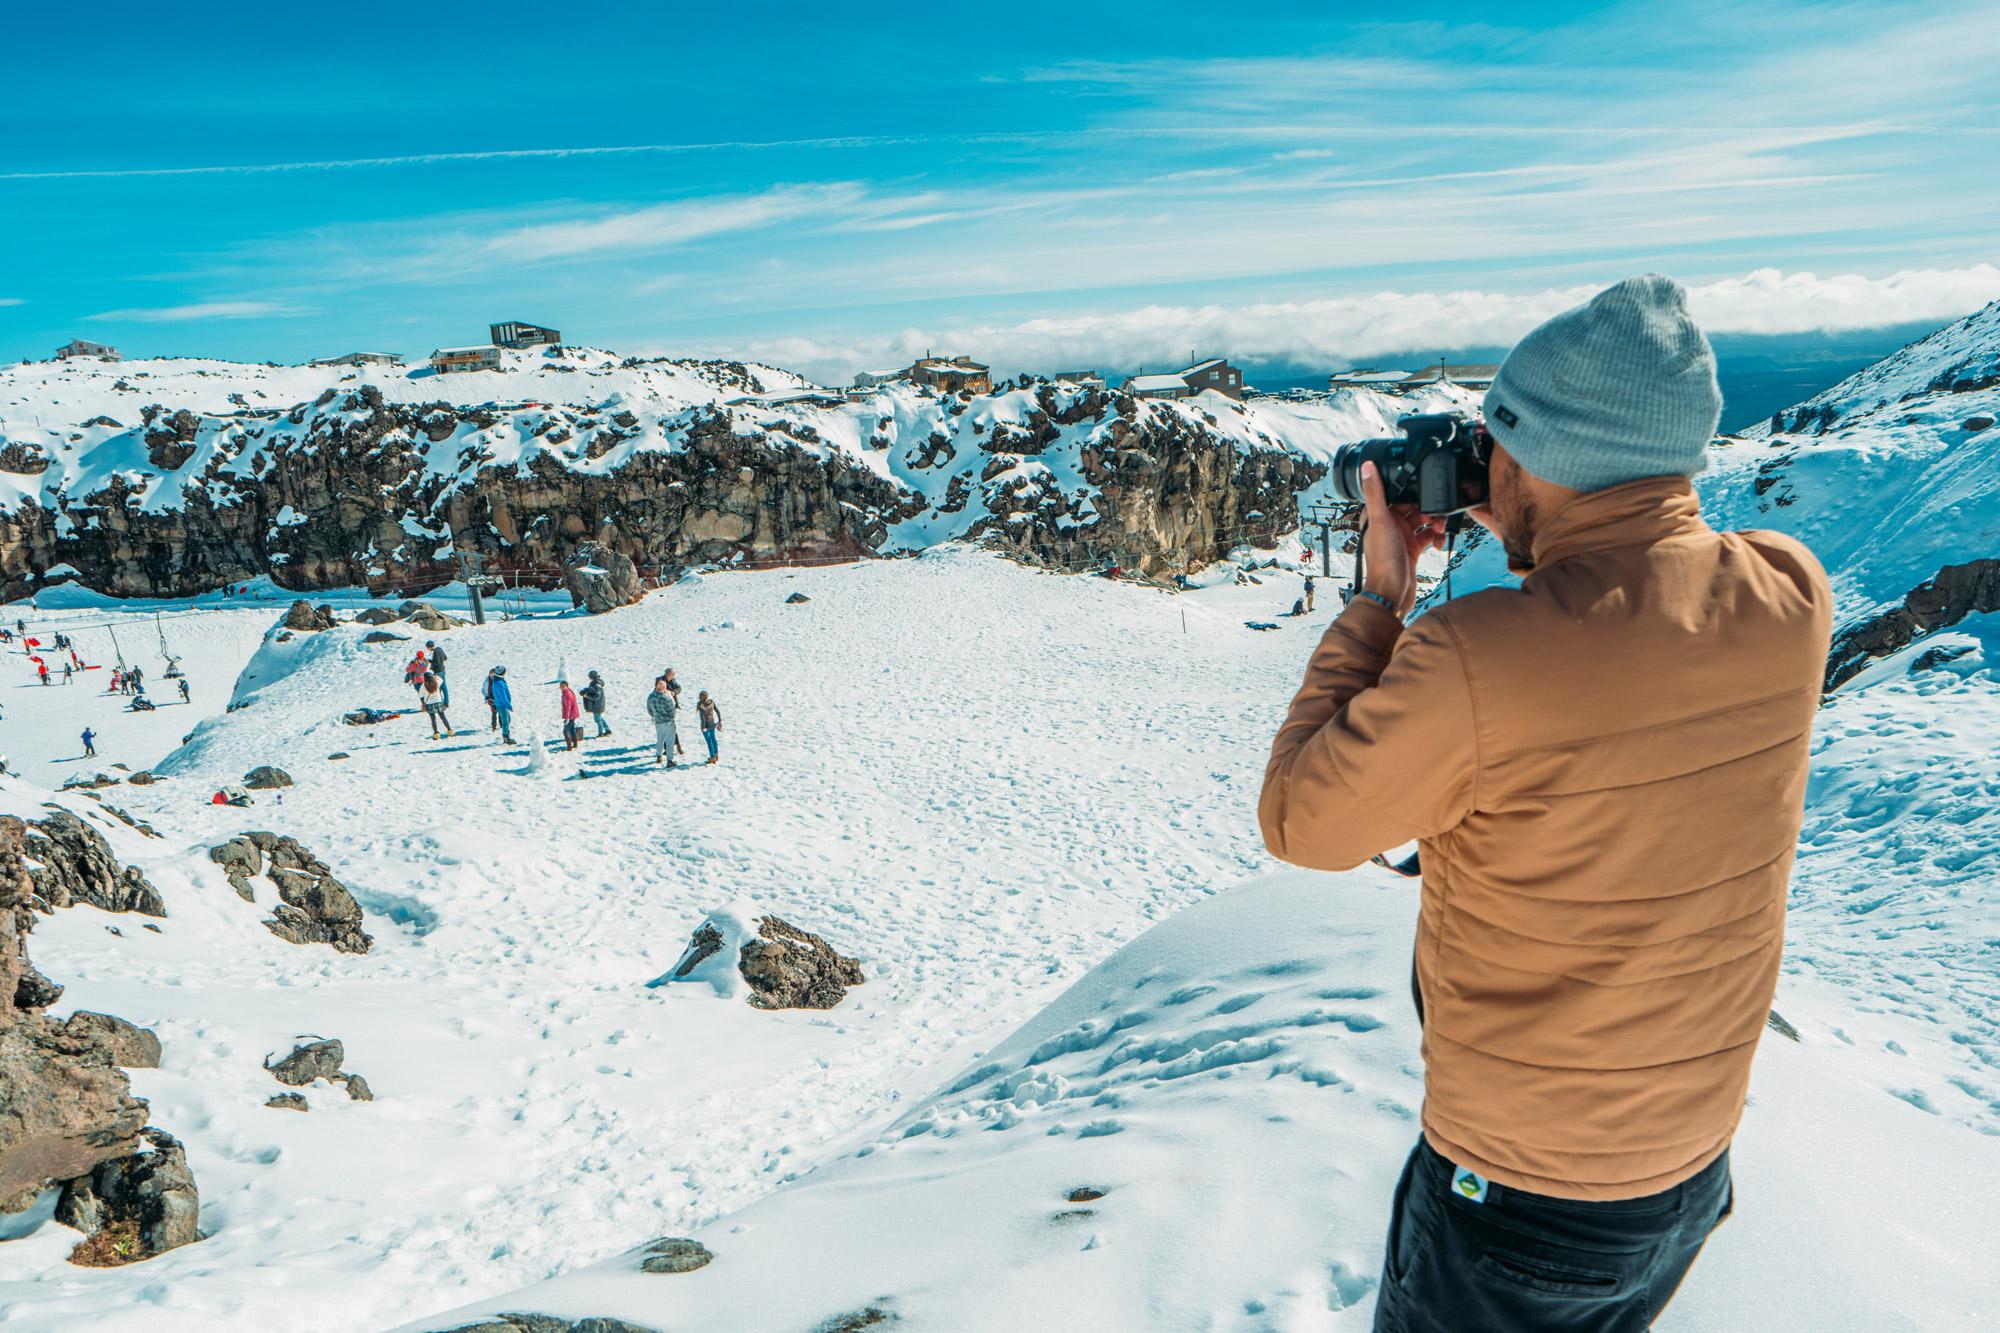 Homme en train de prendre une photo en hauteur, d'un groupe de randonneurs en pleine montagne enneigée par temps ensoleillé